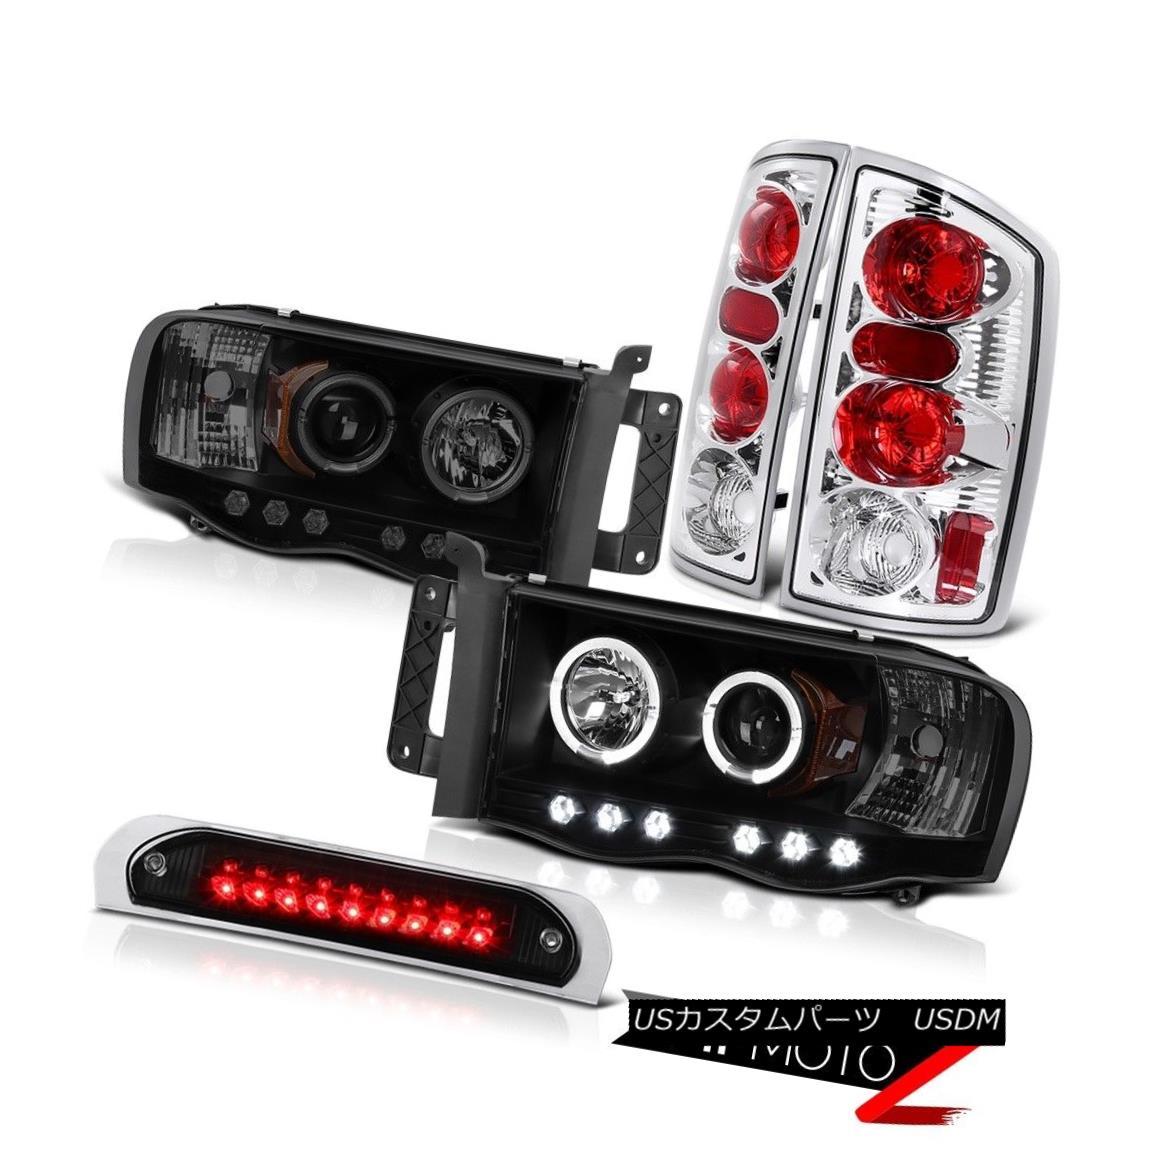 テールライト Halo LED Headlights Euro Chrome Taillights Black Brake 02 03 04 05 Ram PowerTech Halo LEDヘッドライトユーロクローム葉っぱブラックブレーキ02 03 04 05 Ram PowerTech